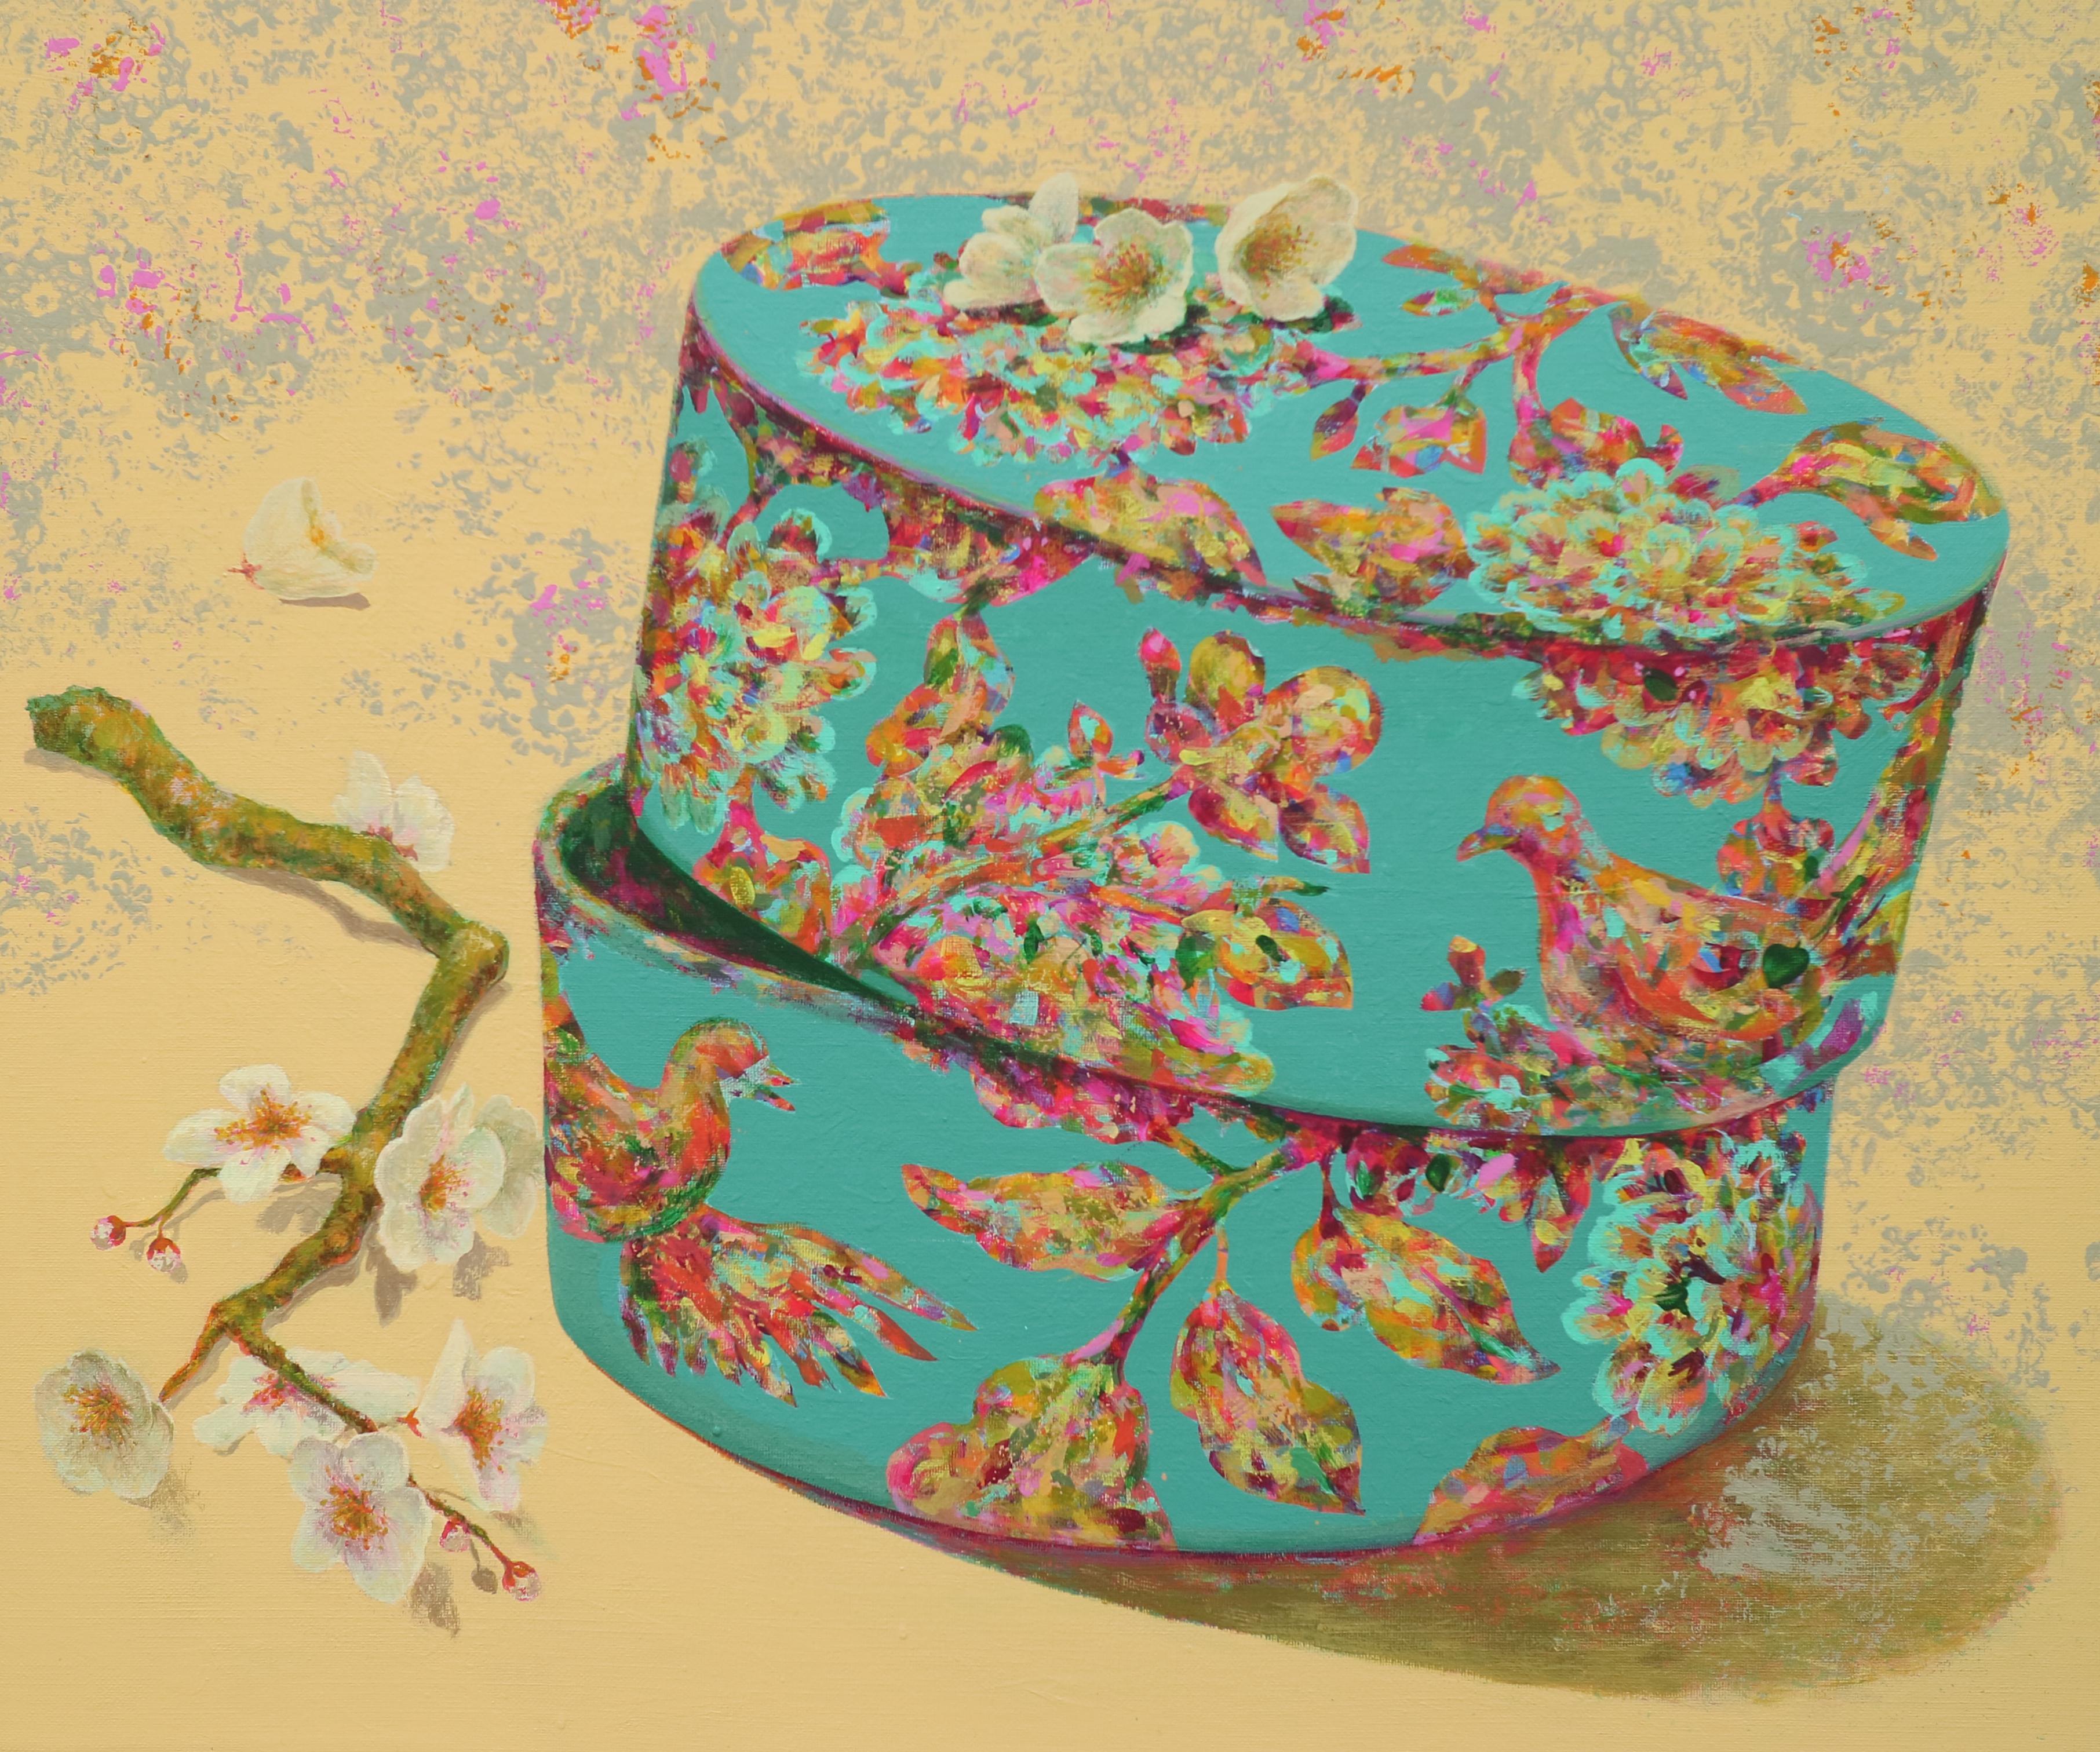 봄날의 외출 72.7cm×60.6cm Acrylic on Canvas